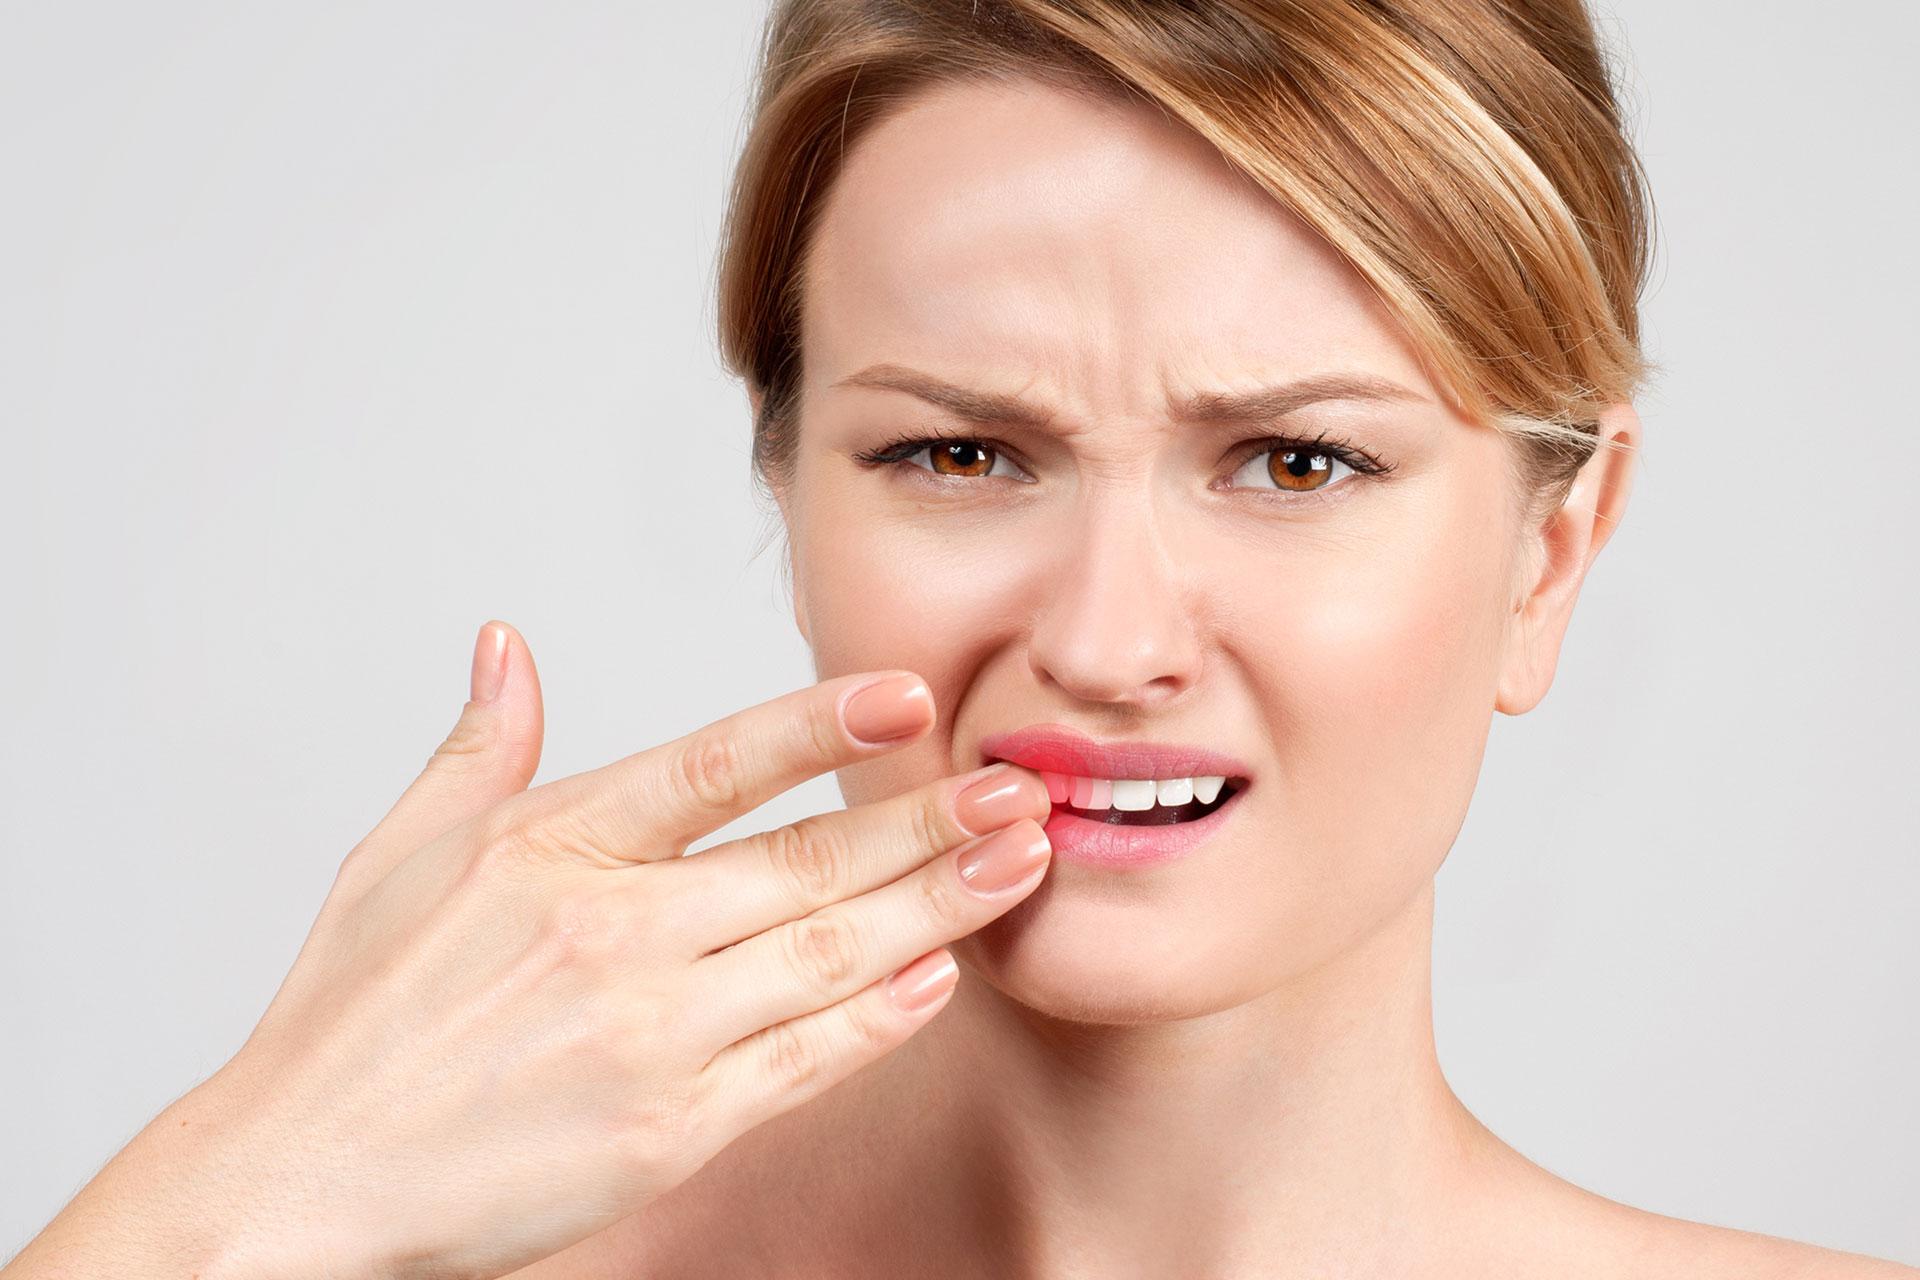 Be Prepared For Dental Emergencies